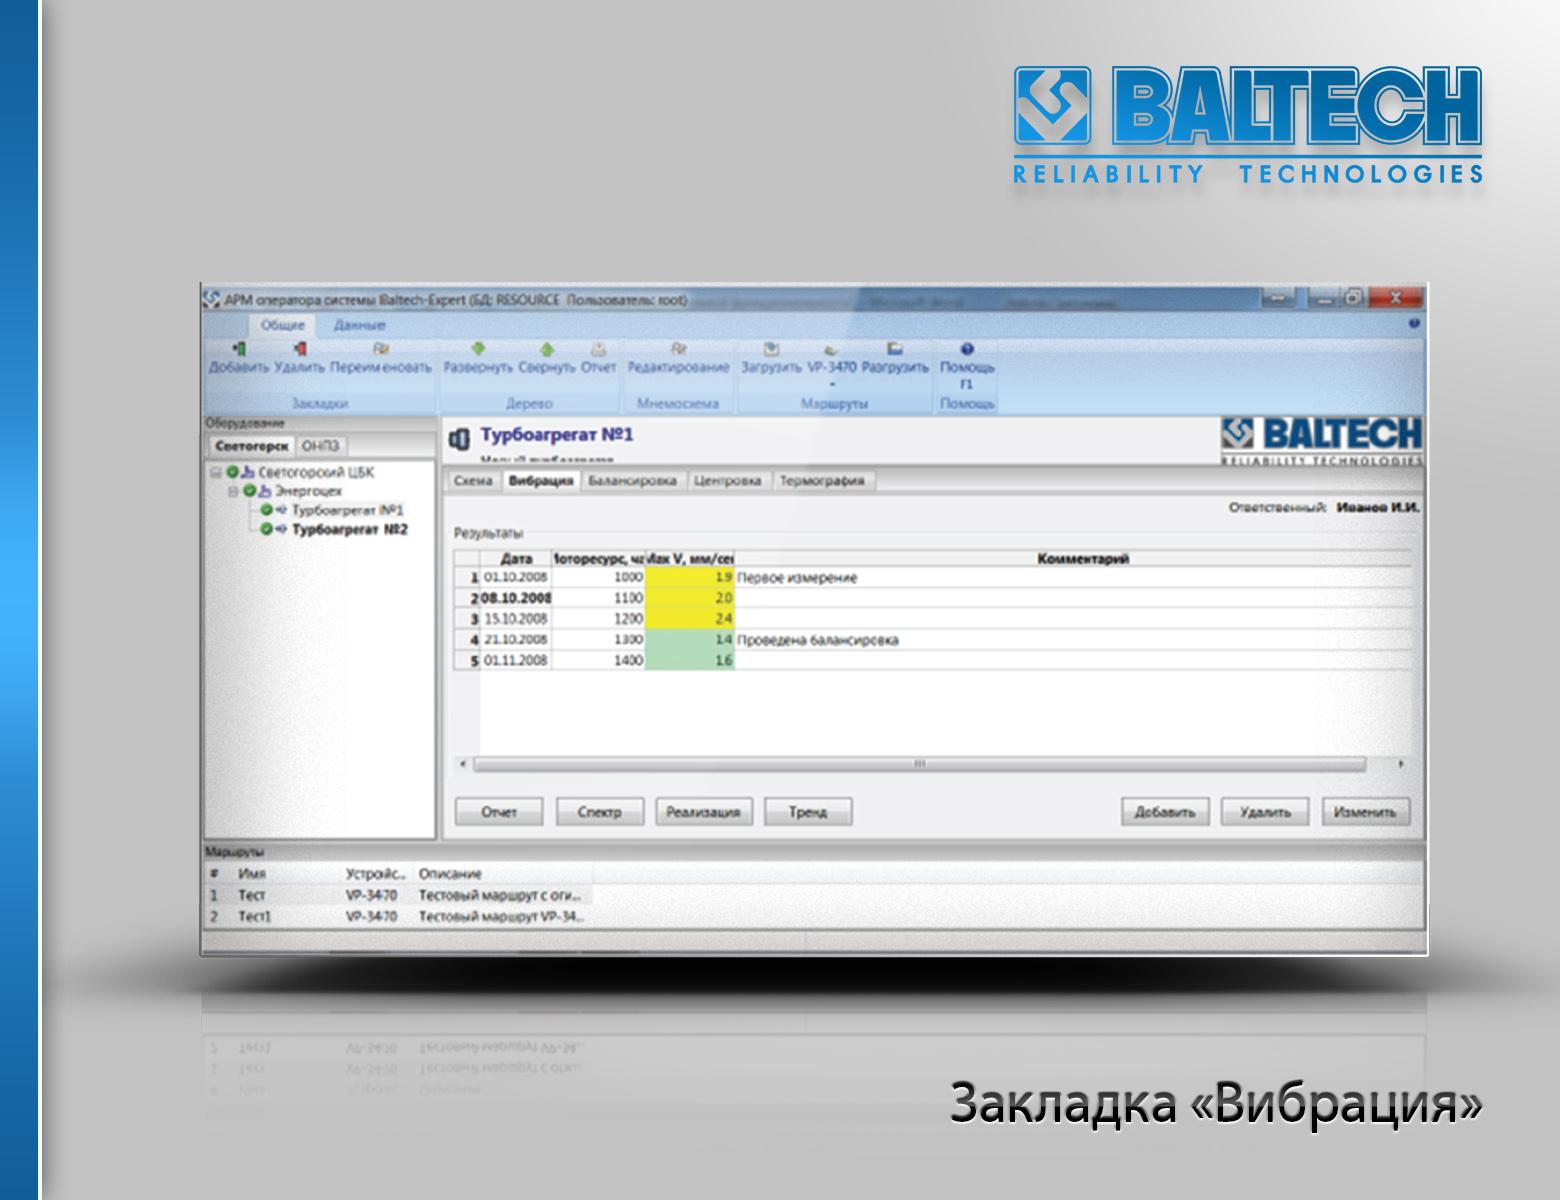 Закладка Вибрация, Программное обеспечение BALTECH-Expert, вибромониторинг, виброконтроль